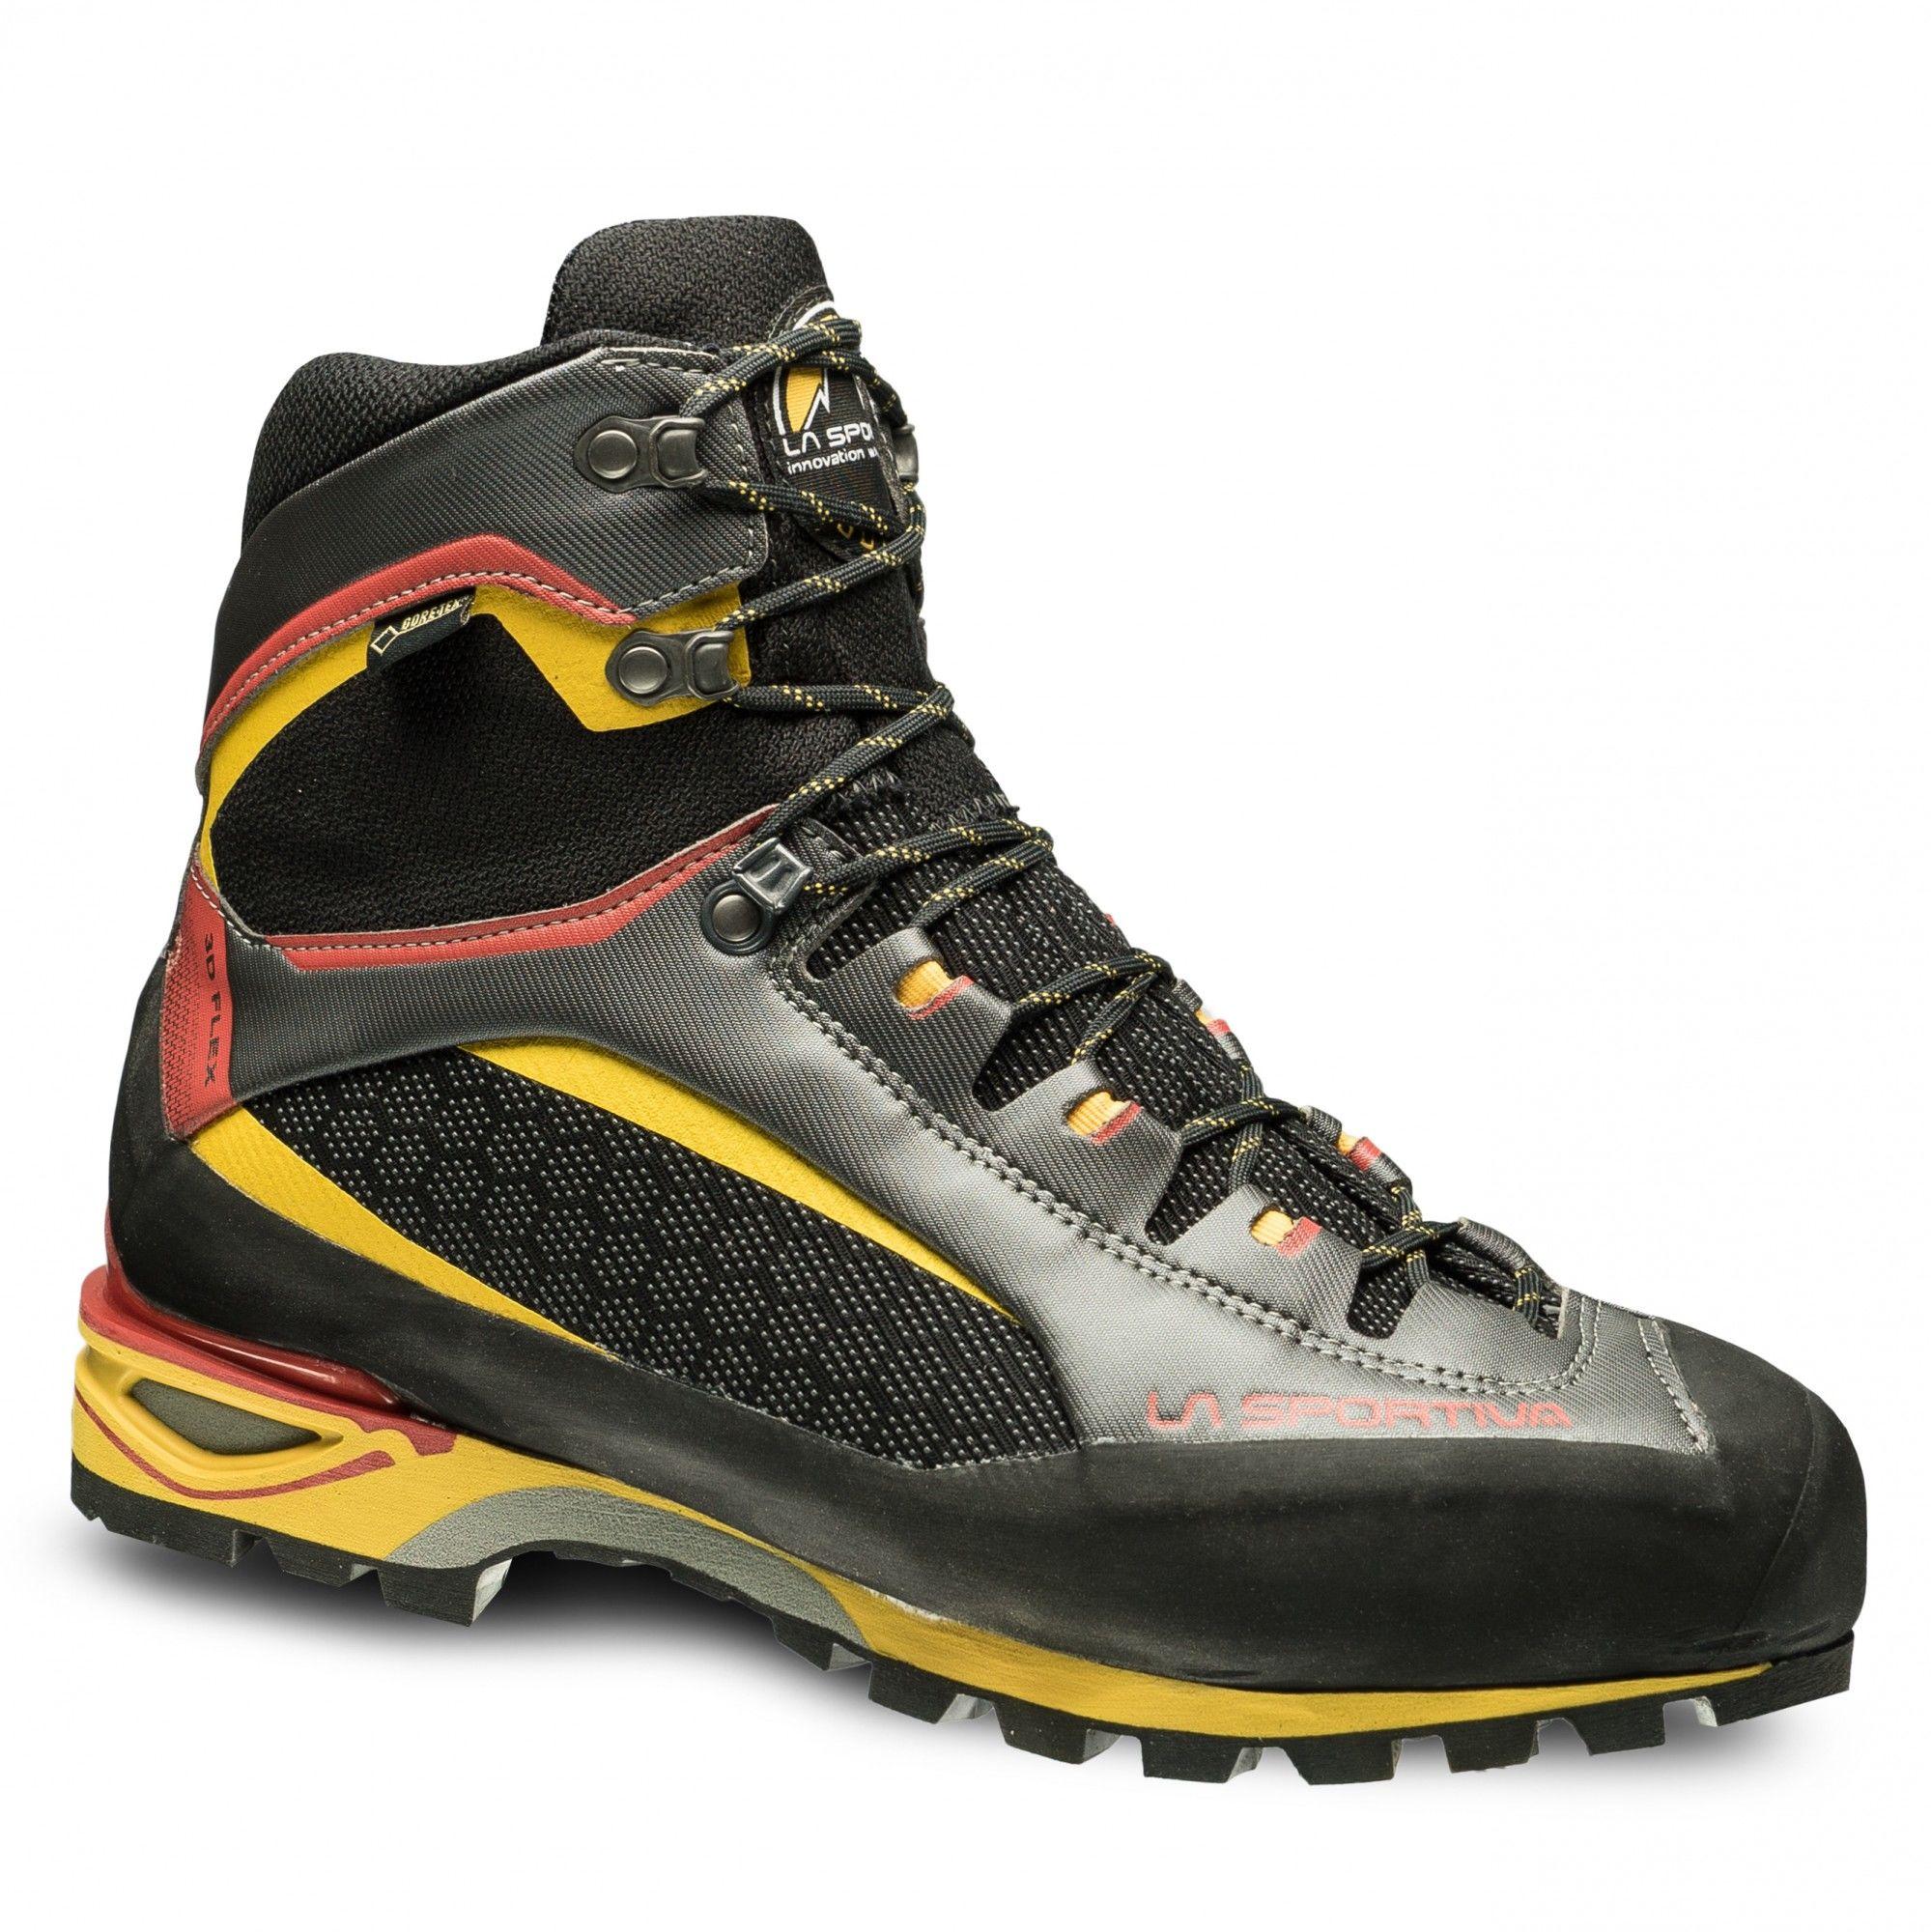 La Sportiva Trango Tower Gtx® Schwarz, Male Gore-Tex® EU 41 -Farbe Black -Yell